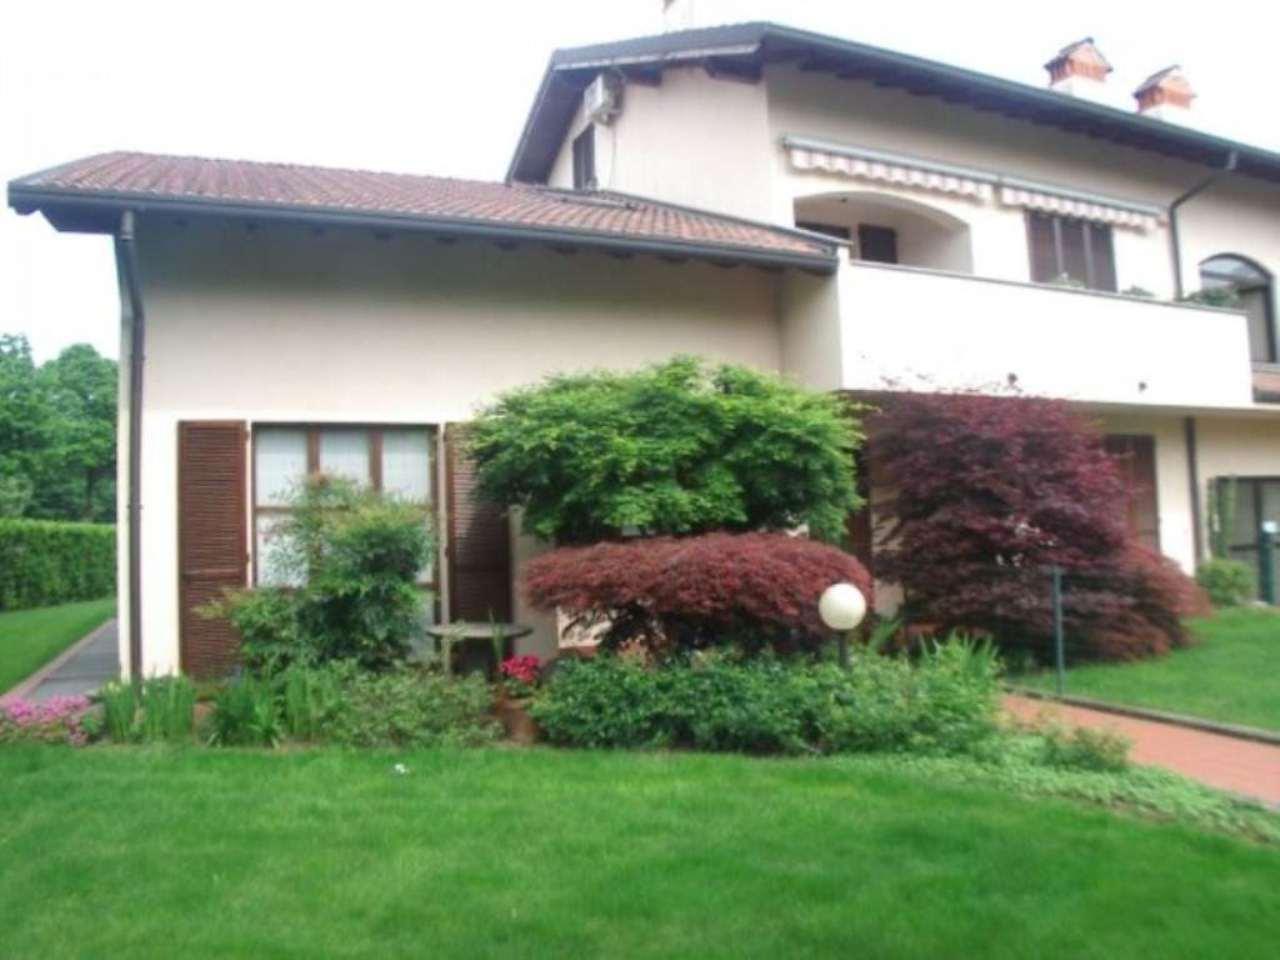 Villa in vendita a Cavenago di Brianza, 5 locali, prezzo € 600.000 | Cambio Casa.it